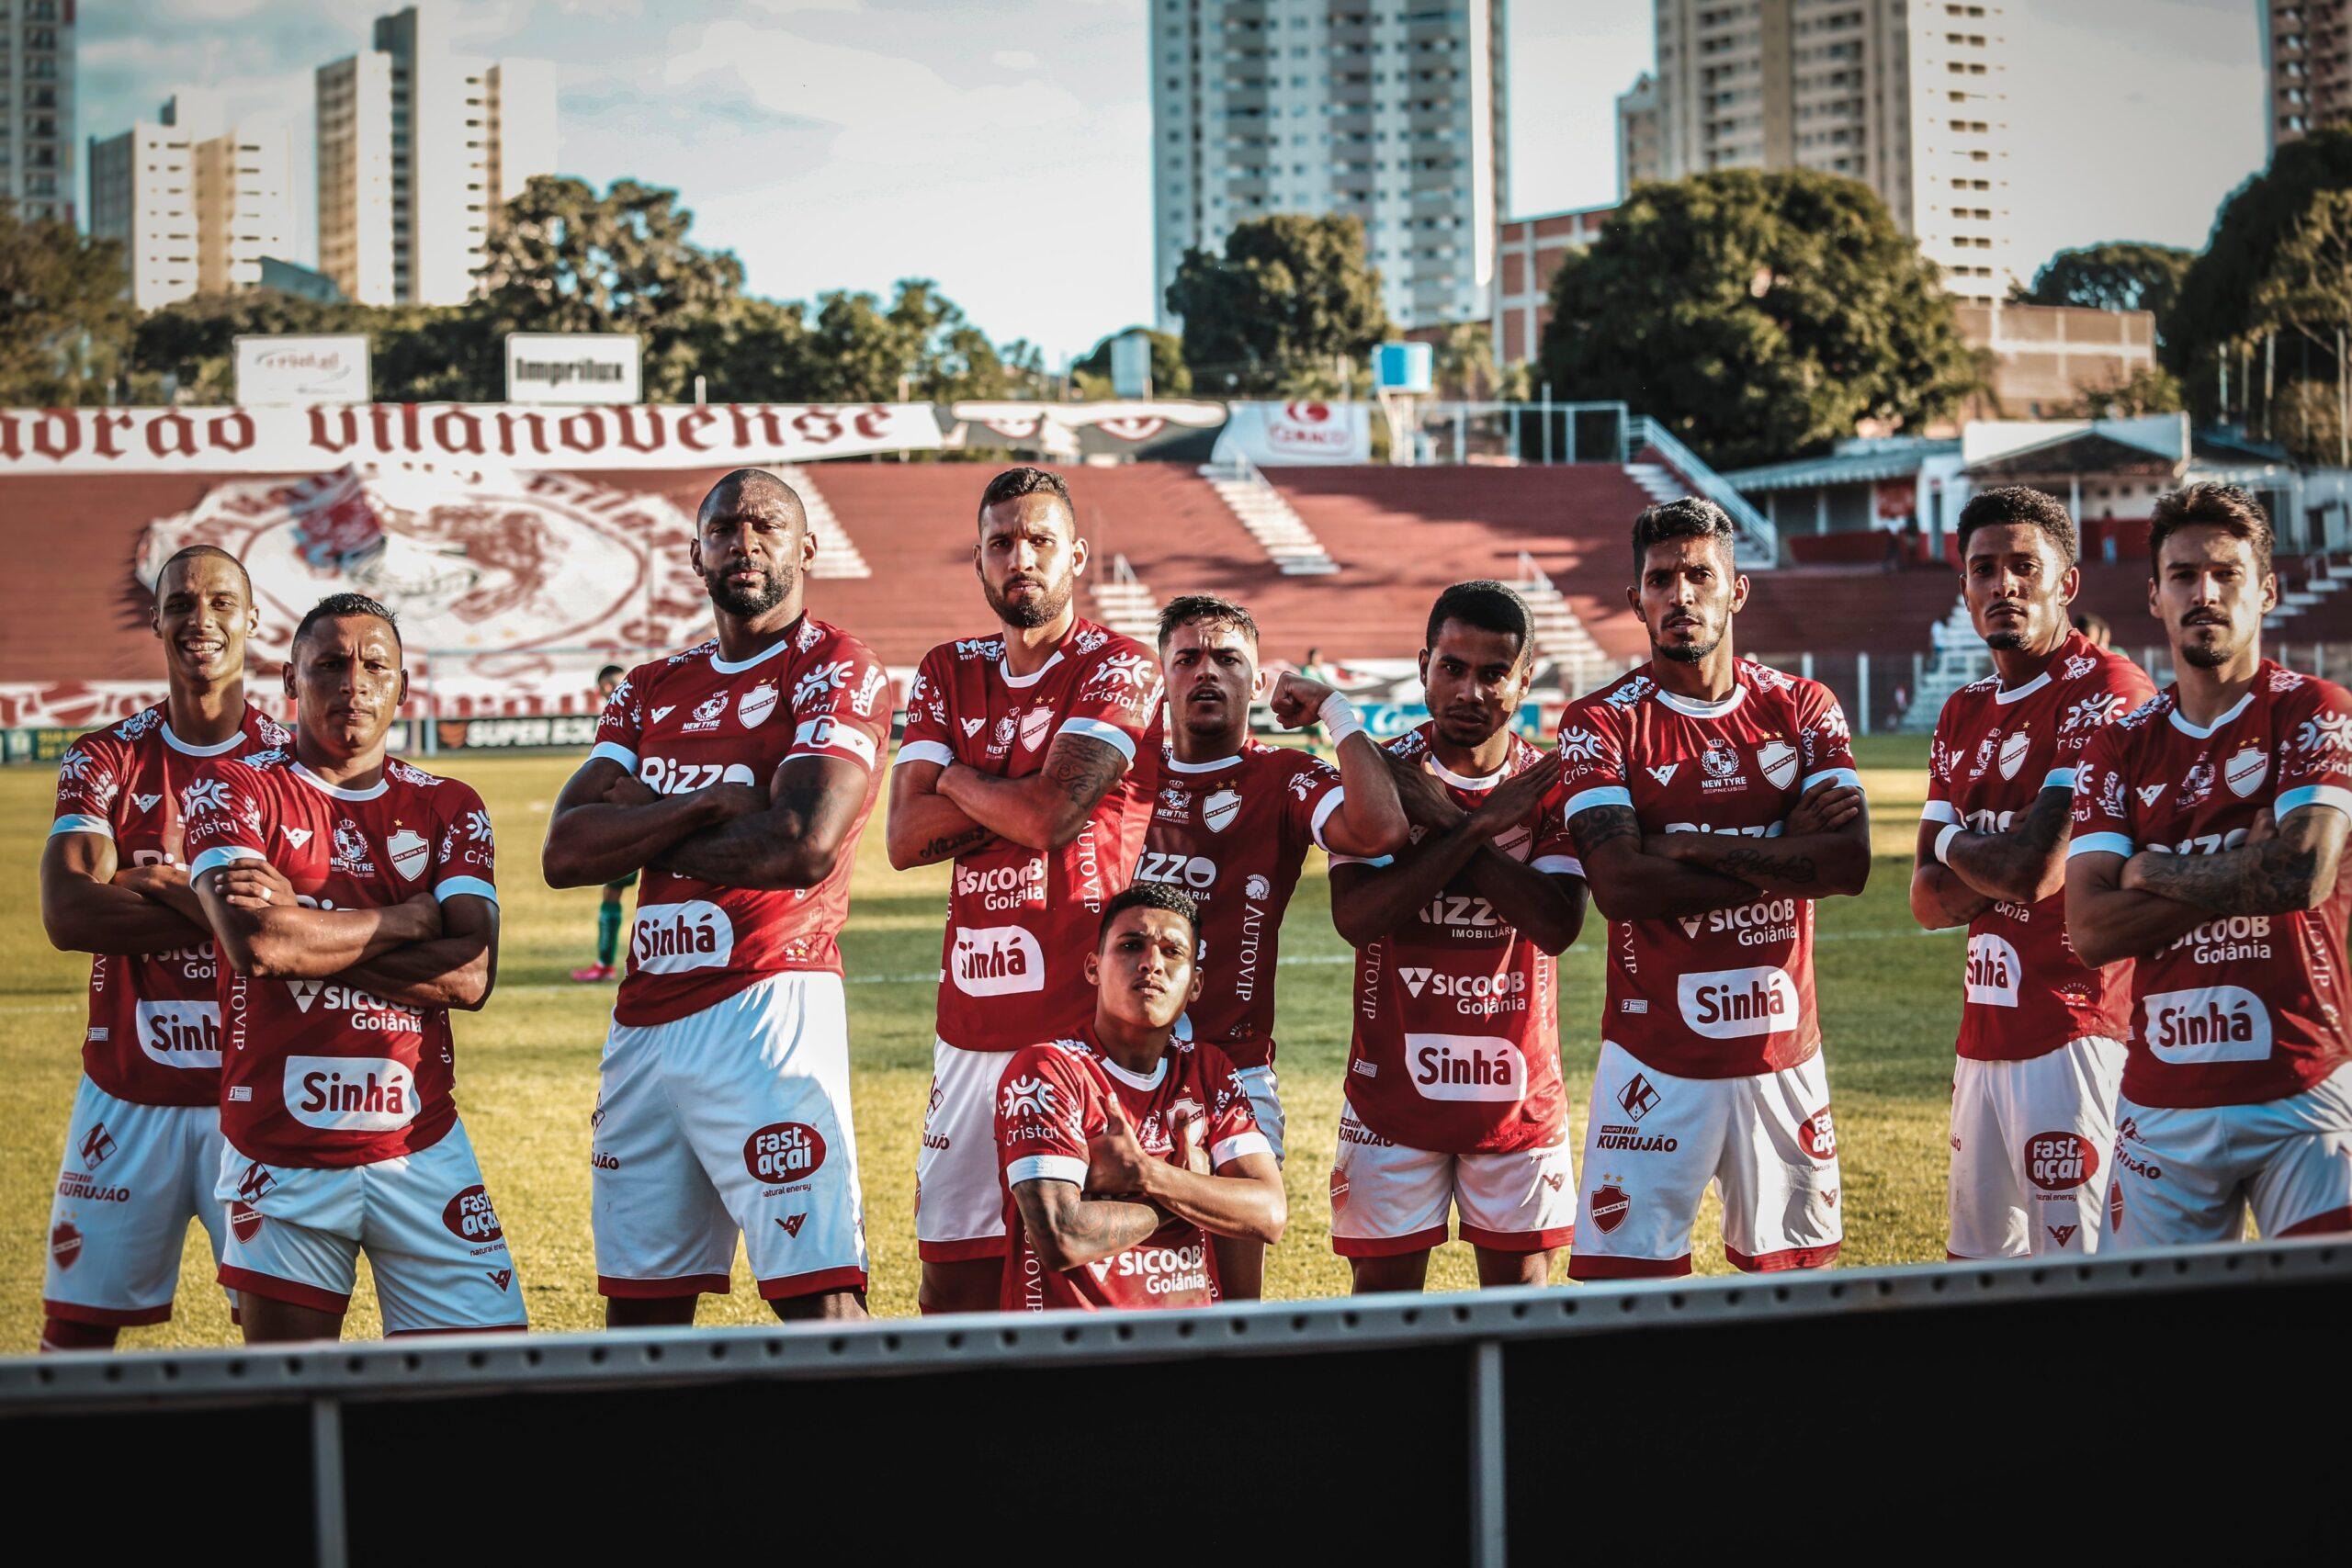 No clássico da rodada, Vila Nova derrota o Goiás